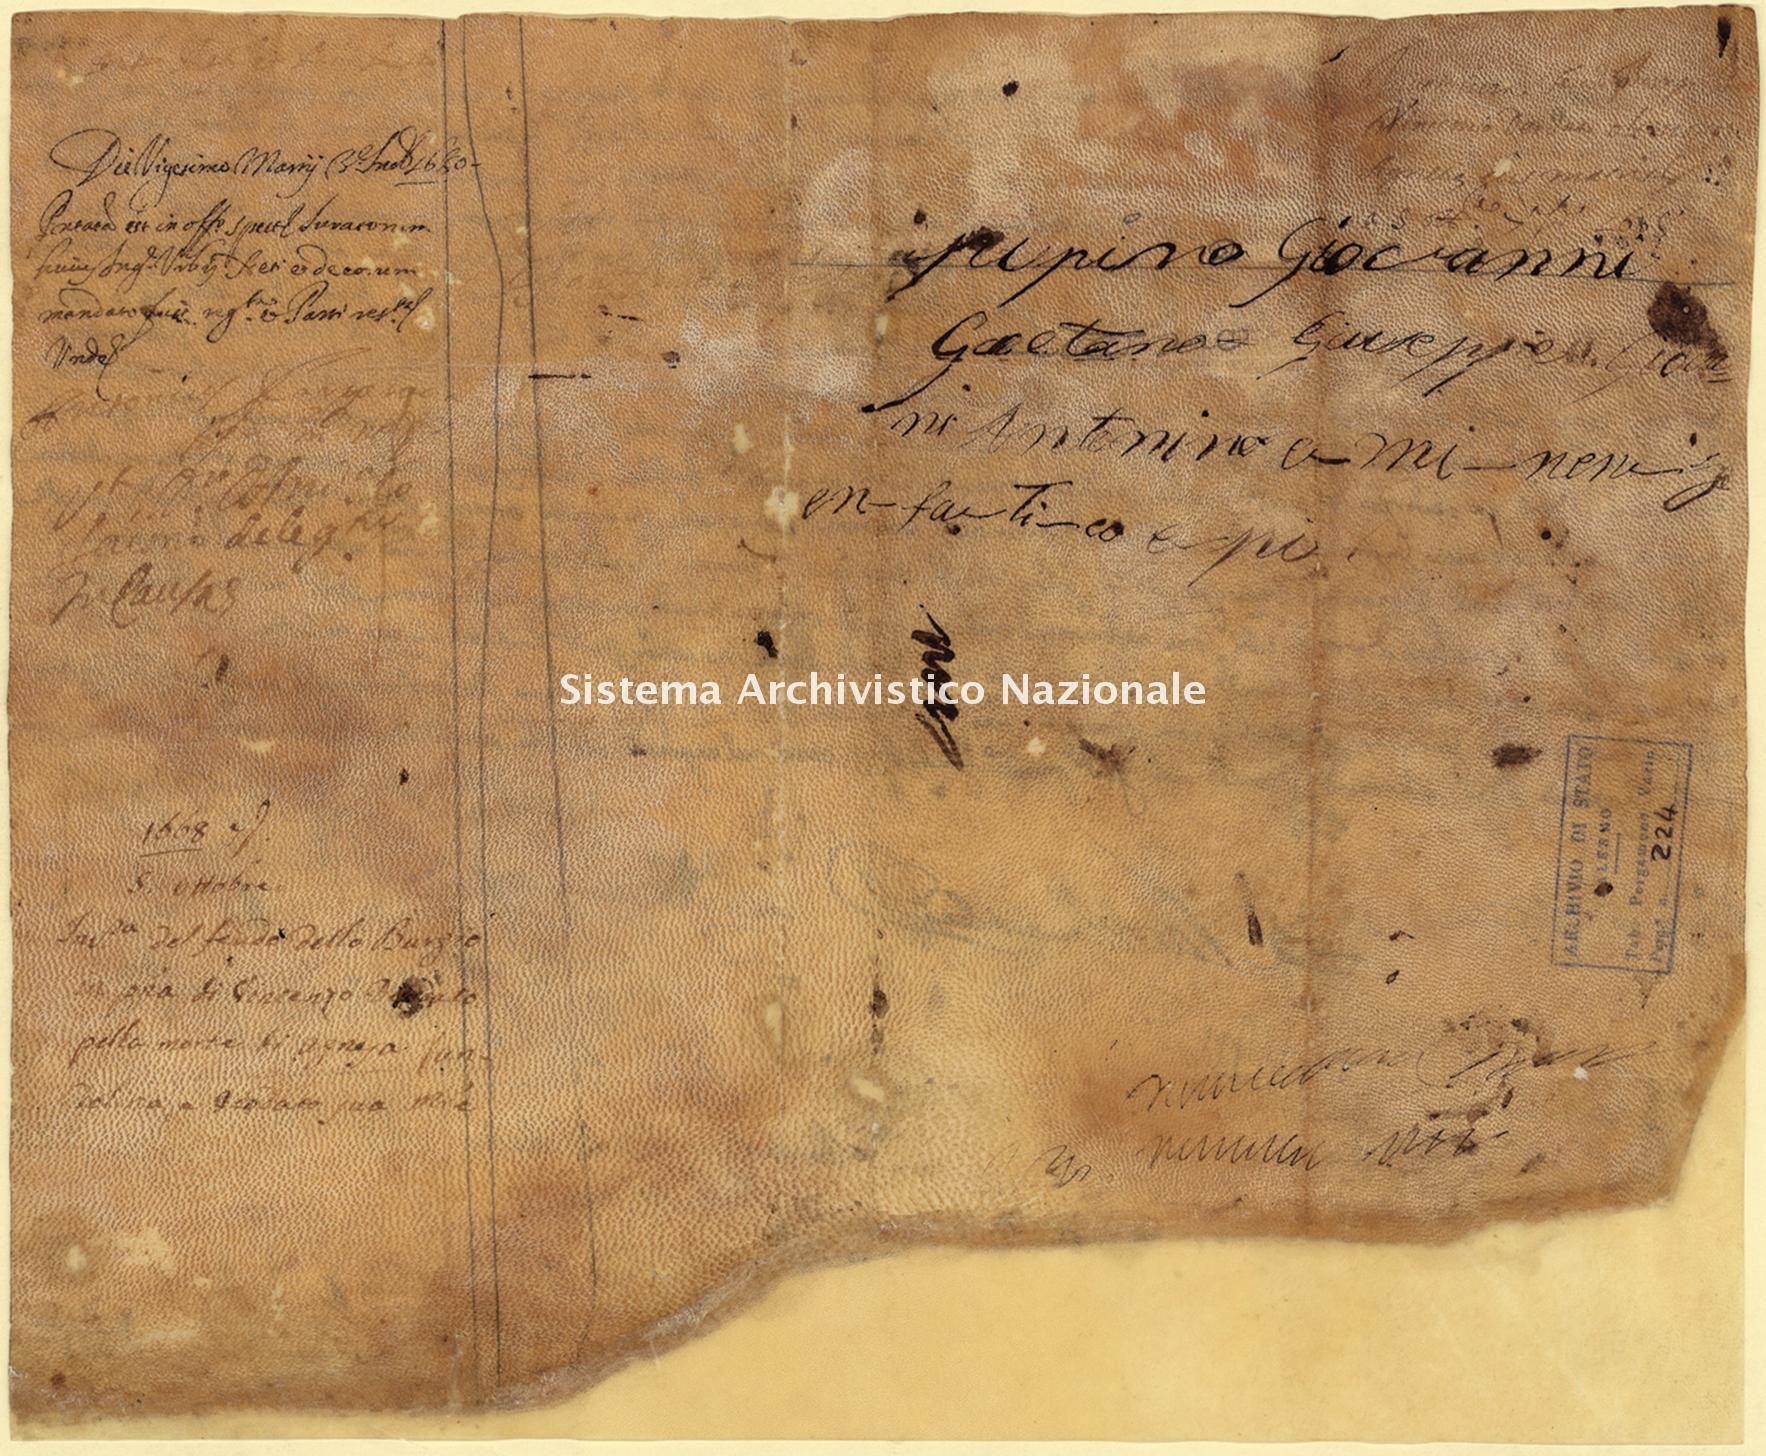 Archivio di Stato di Palermo, Diplomatico, Pergamene Landolina (già Pergamene varie 211-242), Pergamena PL 14 (PVa 224)